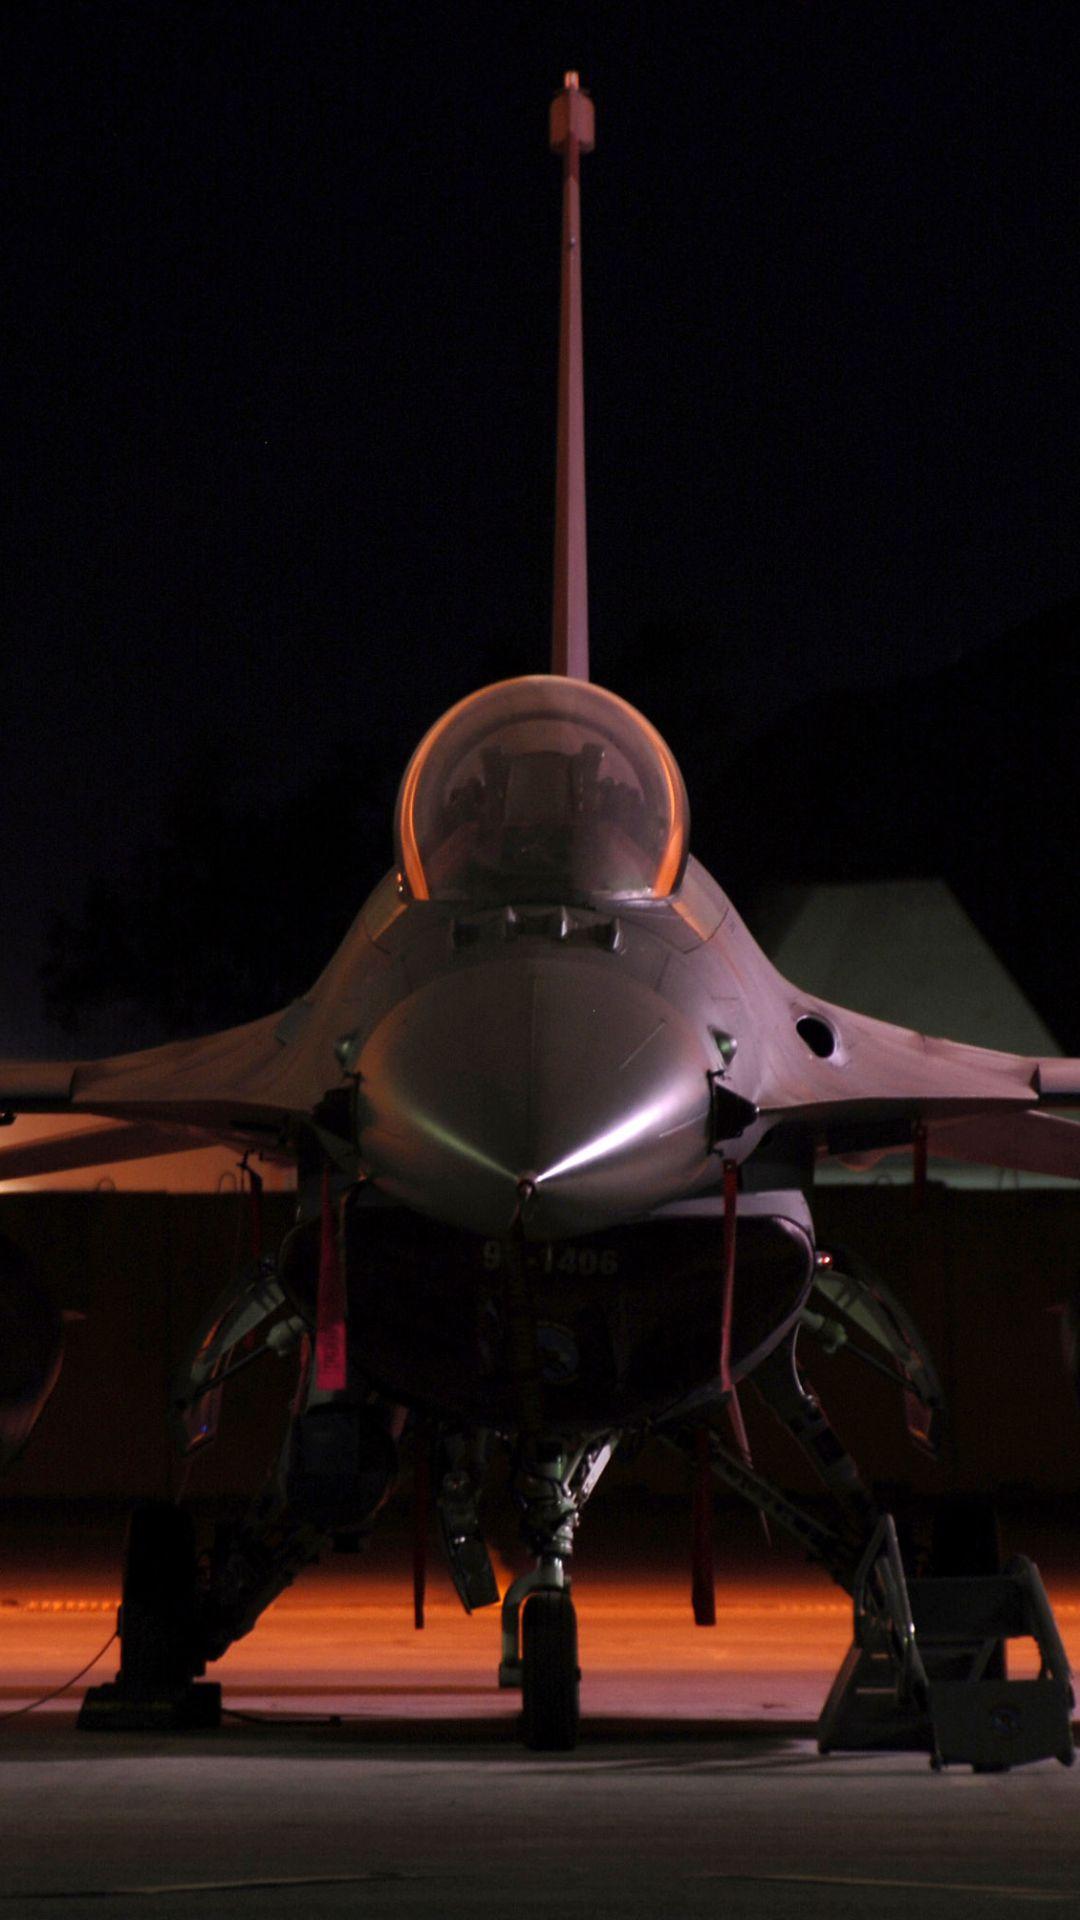 Fighter jets, Fighter planes jets, Jet ...